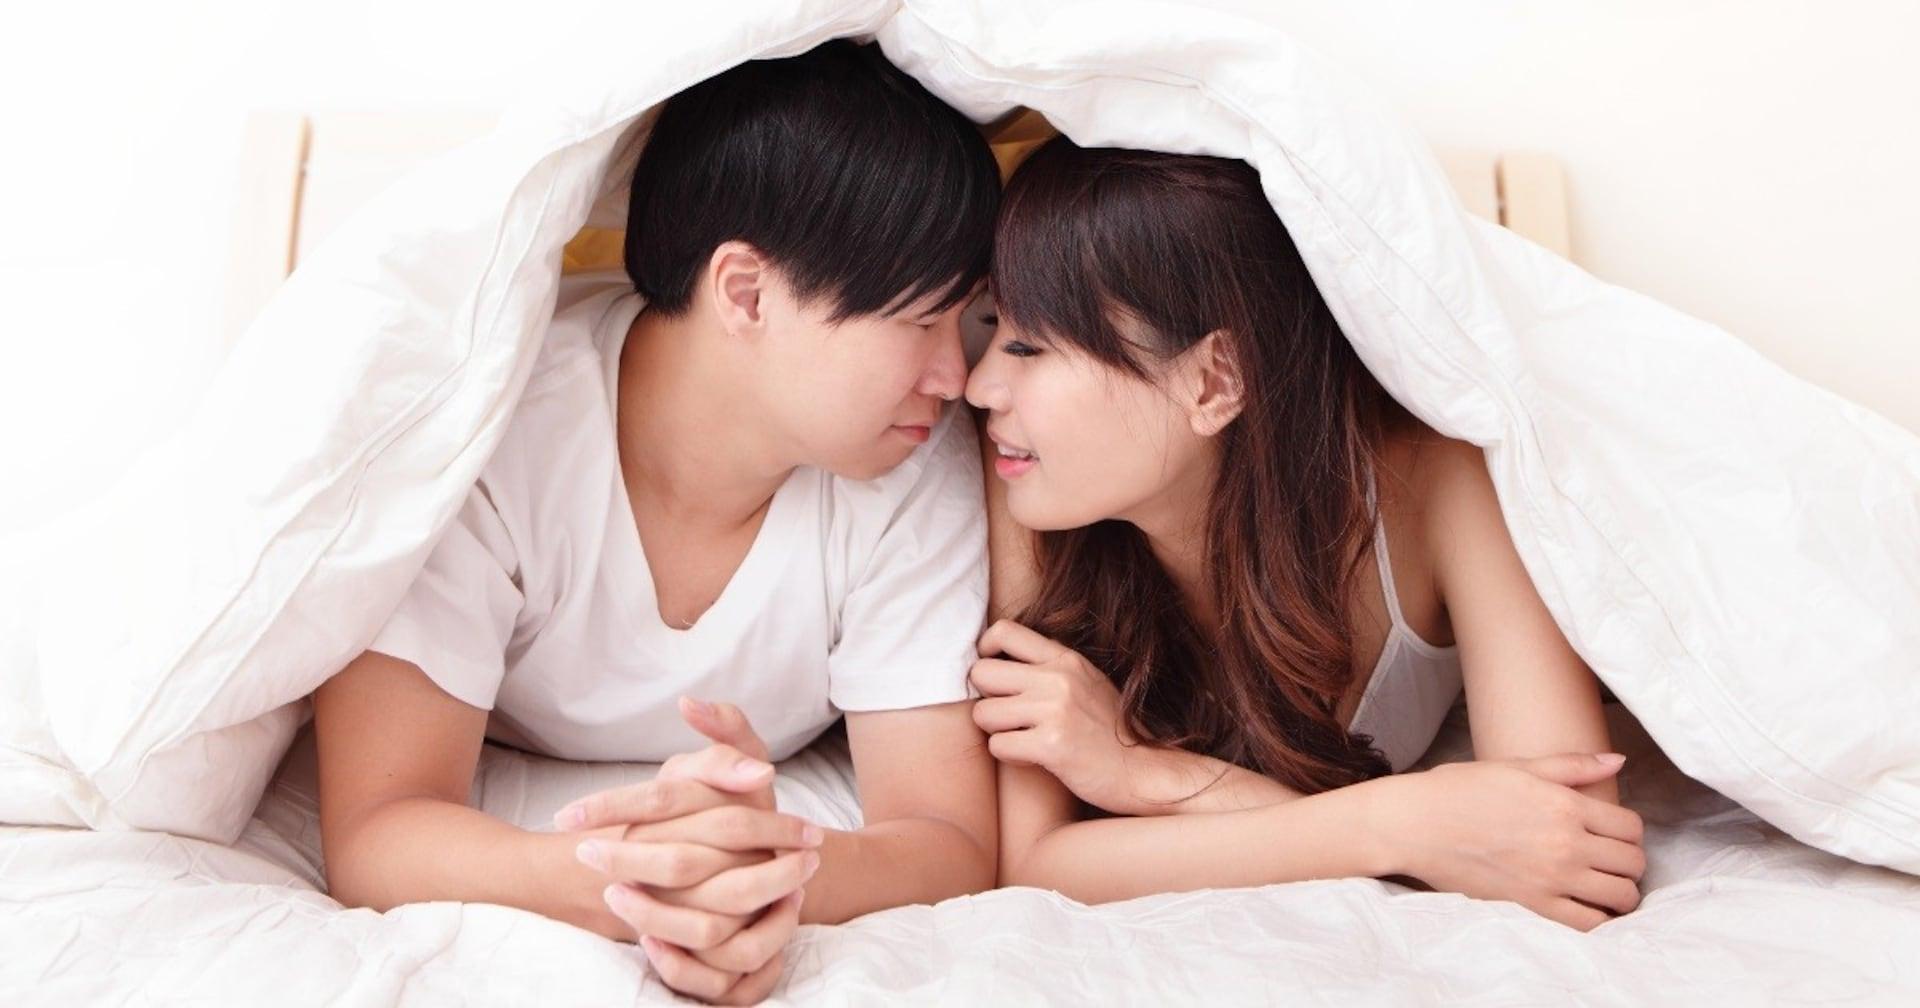 性的に活発なカップルはたった12%!?  人のセックスを見てみたい…覗き穴から客を観察し続けたモーテル経営者30年の実録!